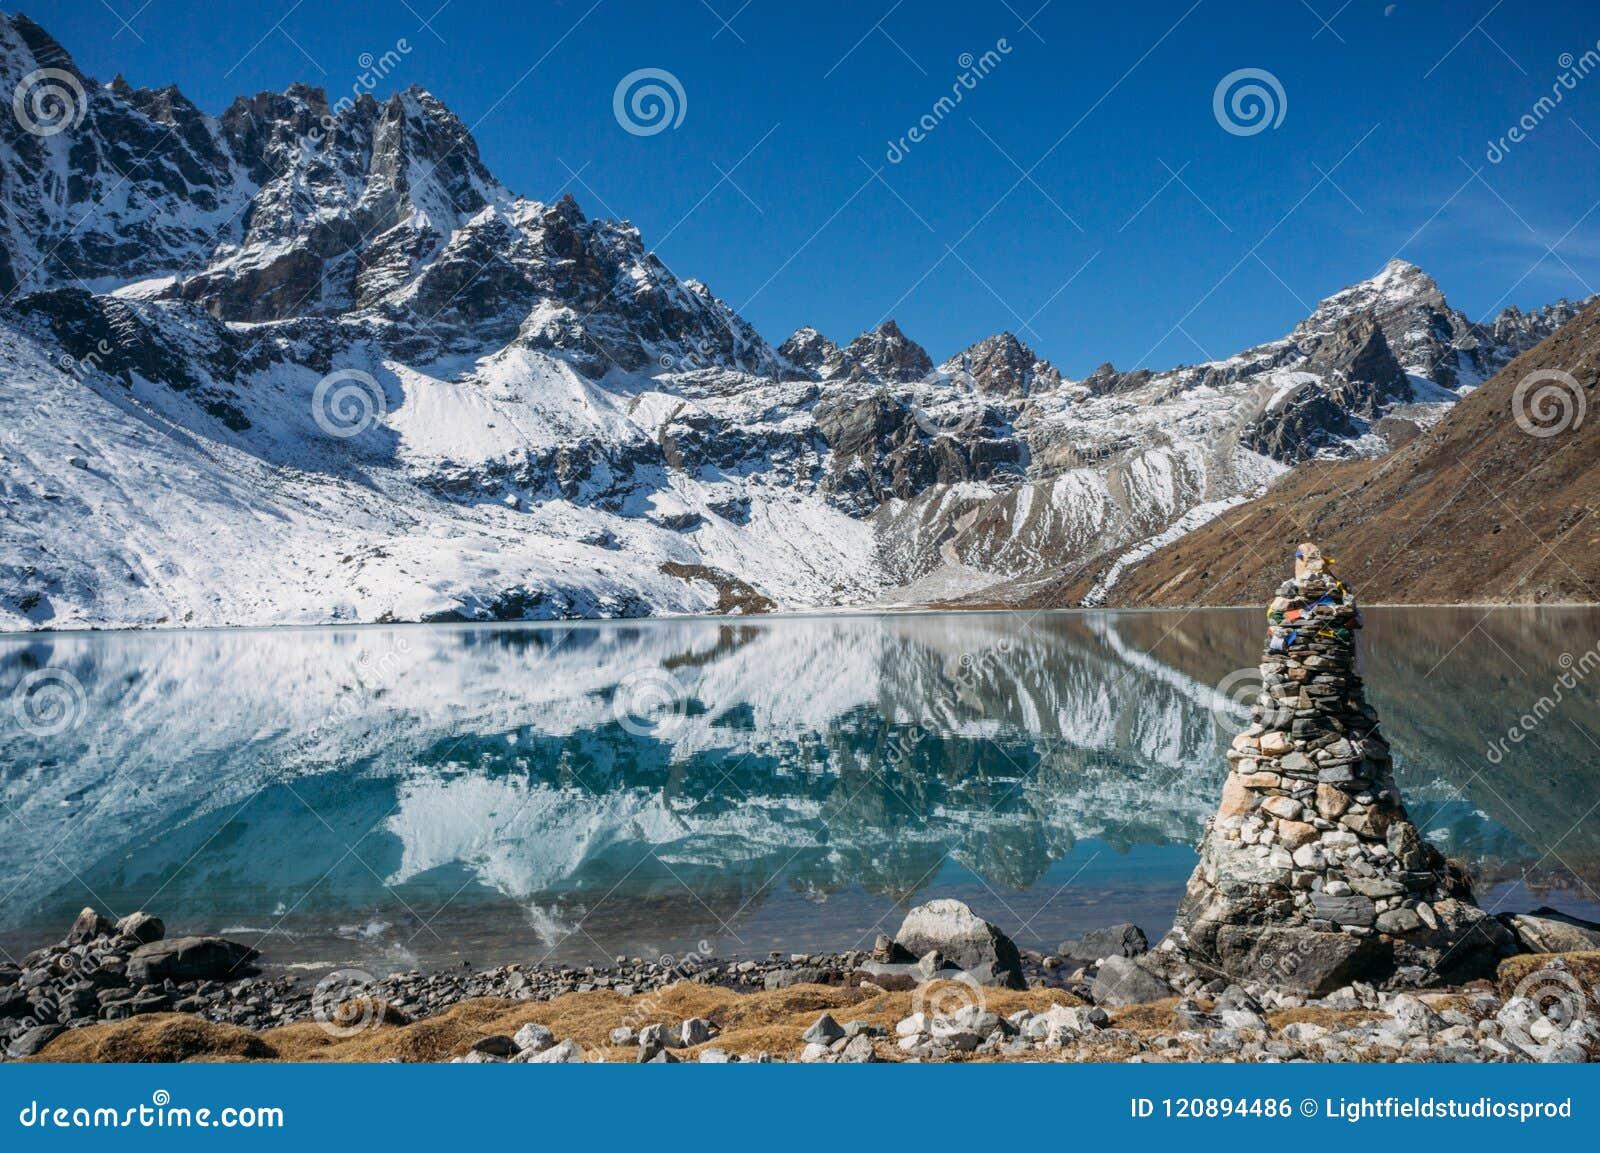 Härligt sceniskt landskap med snöig berg och sjön, Nepal, Sagarmatha,